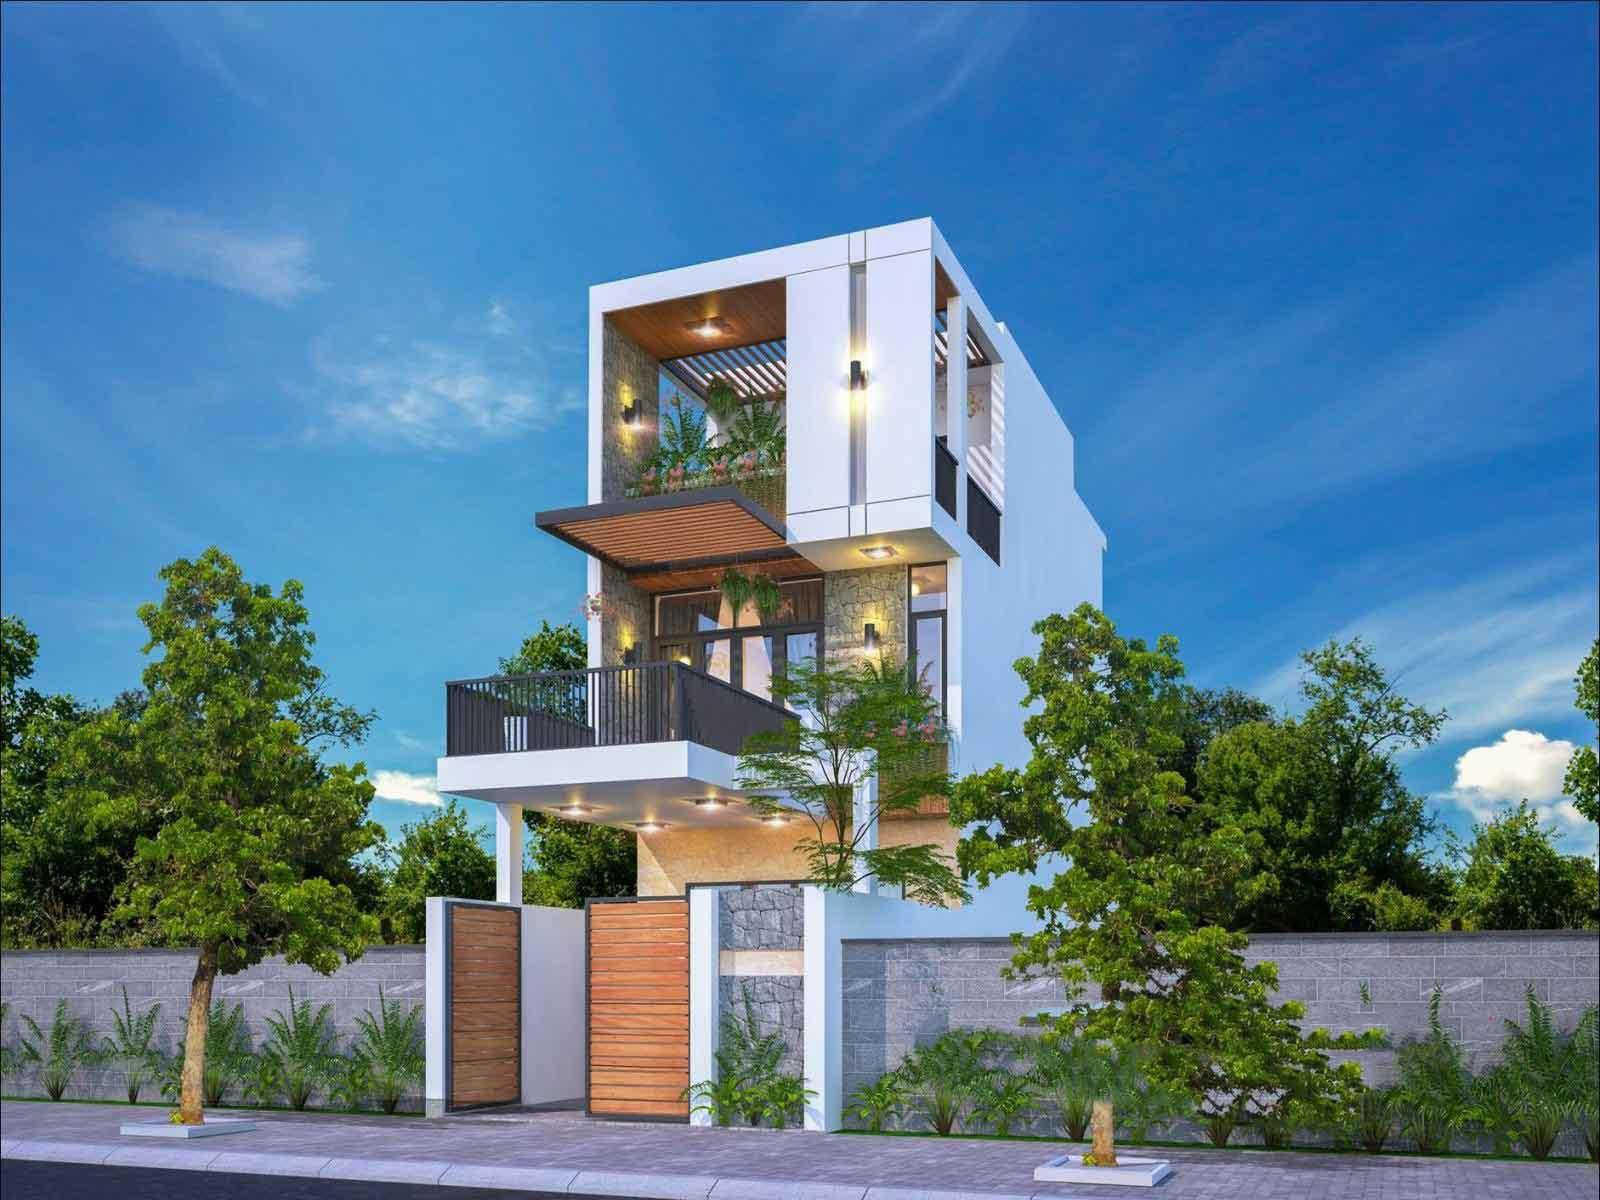 Ý tưởng thiết kế nhà phố 3 tầng gần gũi với thiên nhiên